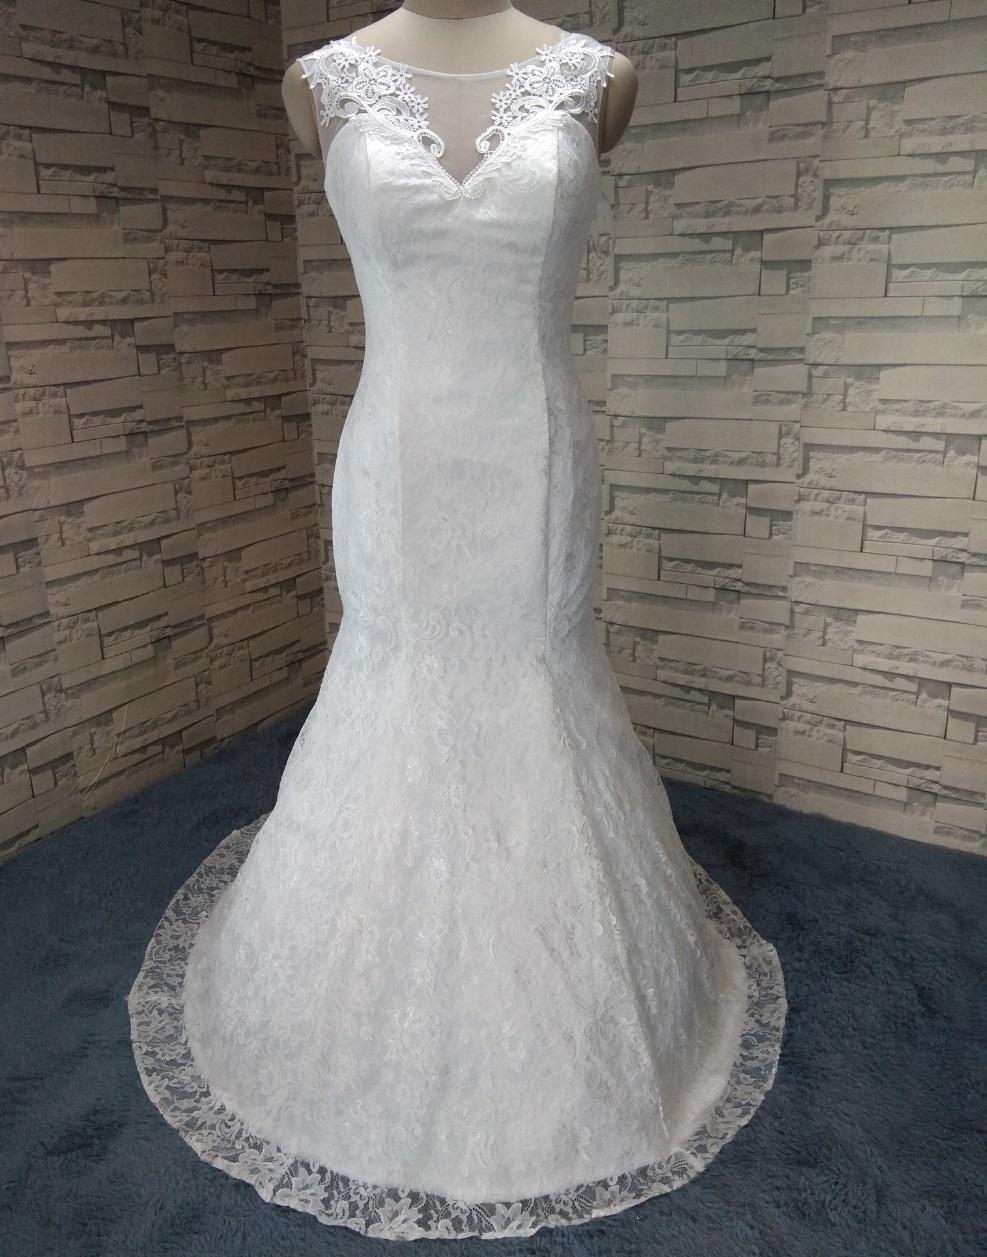 34ca8b512 Dlhé svadobné šaty - 8 veľkostí, 2 farby, 46 - 120 € | Svadobné shopy |  Mojasvadba.sk